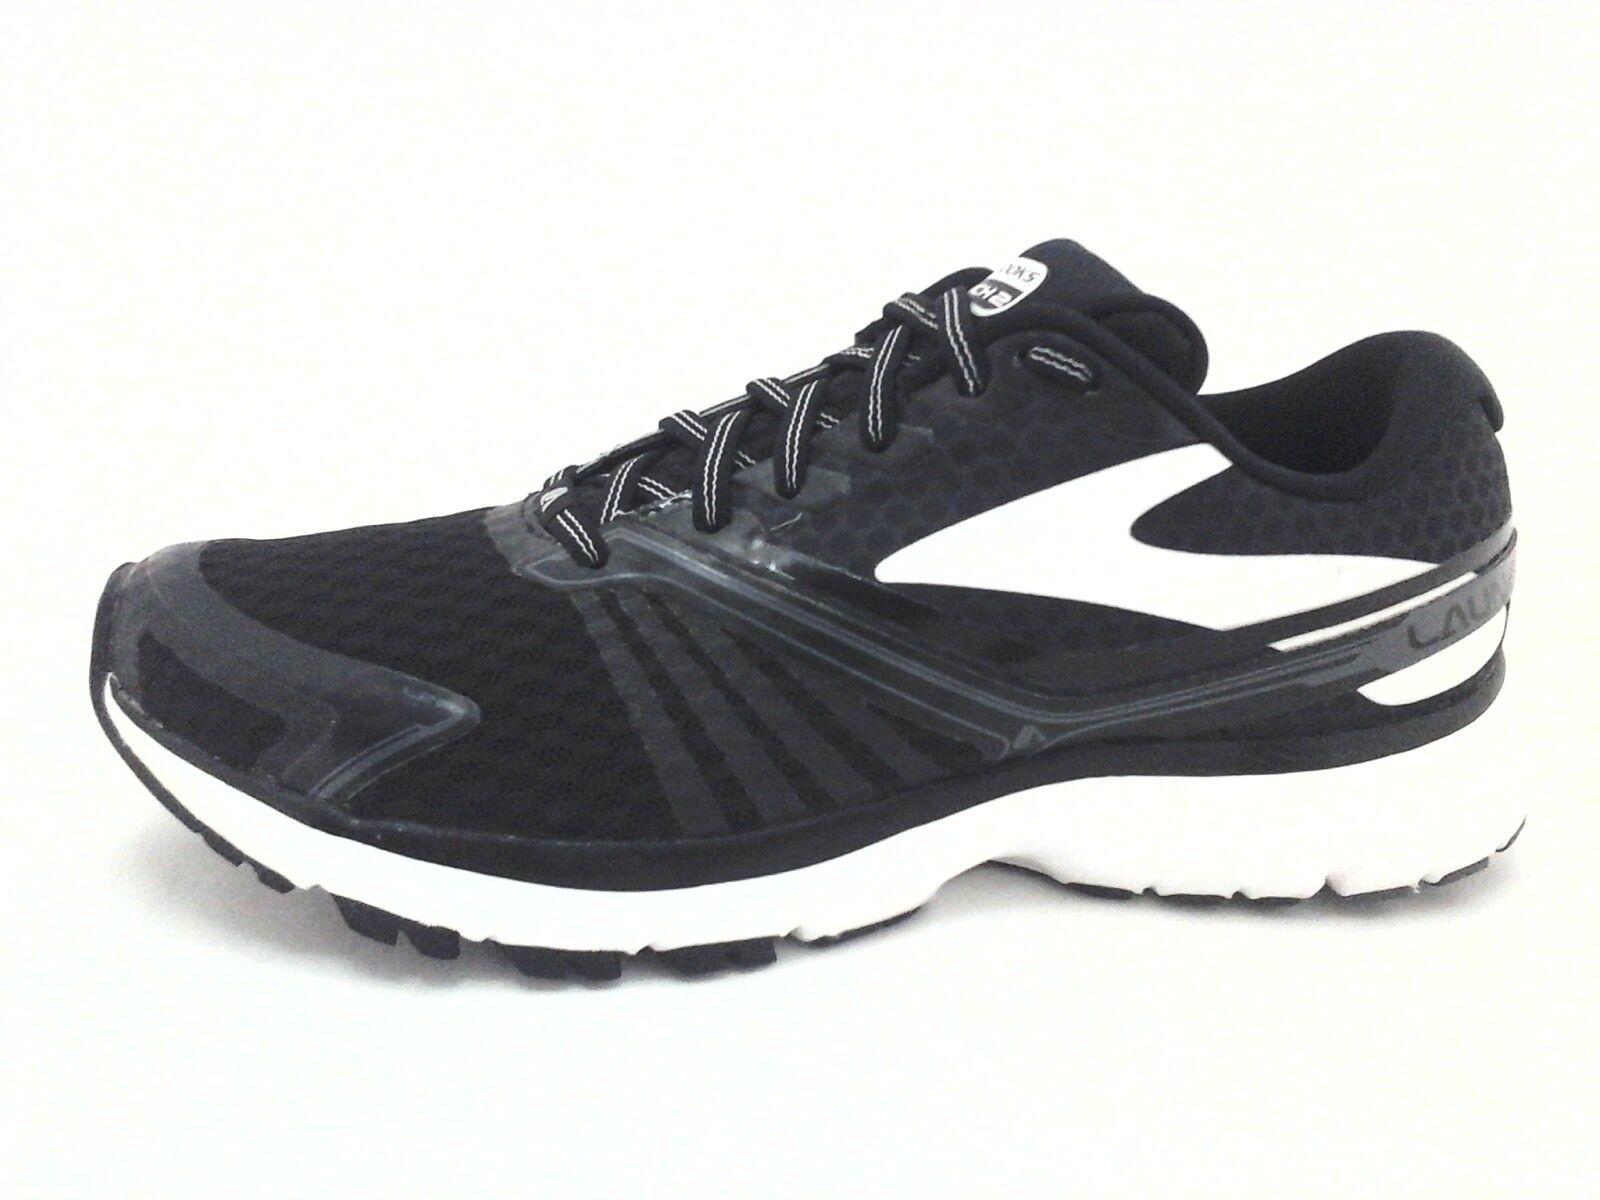 Brooks Launch 2 Negro blancoo blancoo blancoo Running Zapatos tenis para mujeres EE. UU. 8.5 Reino Unido 6.5 EU 40  Entrega rápida y envío gratis en todos los pedidos.